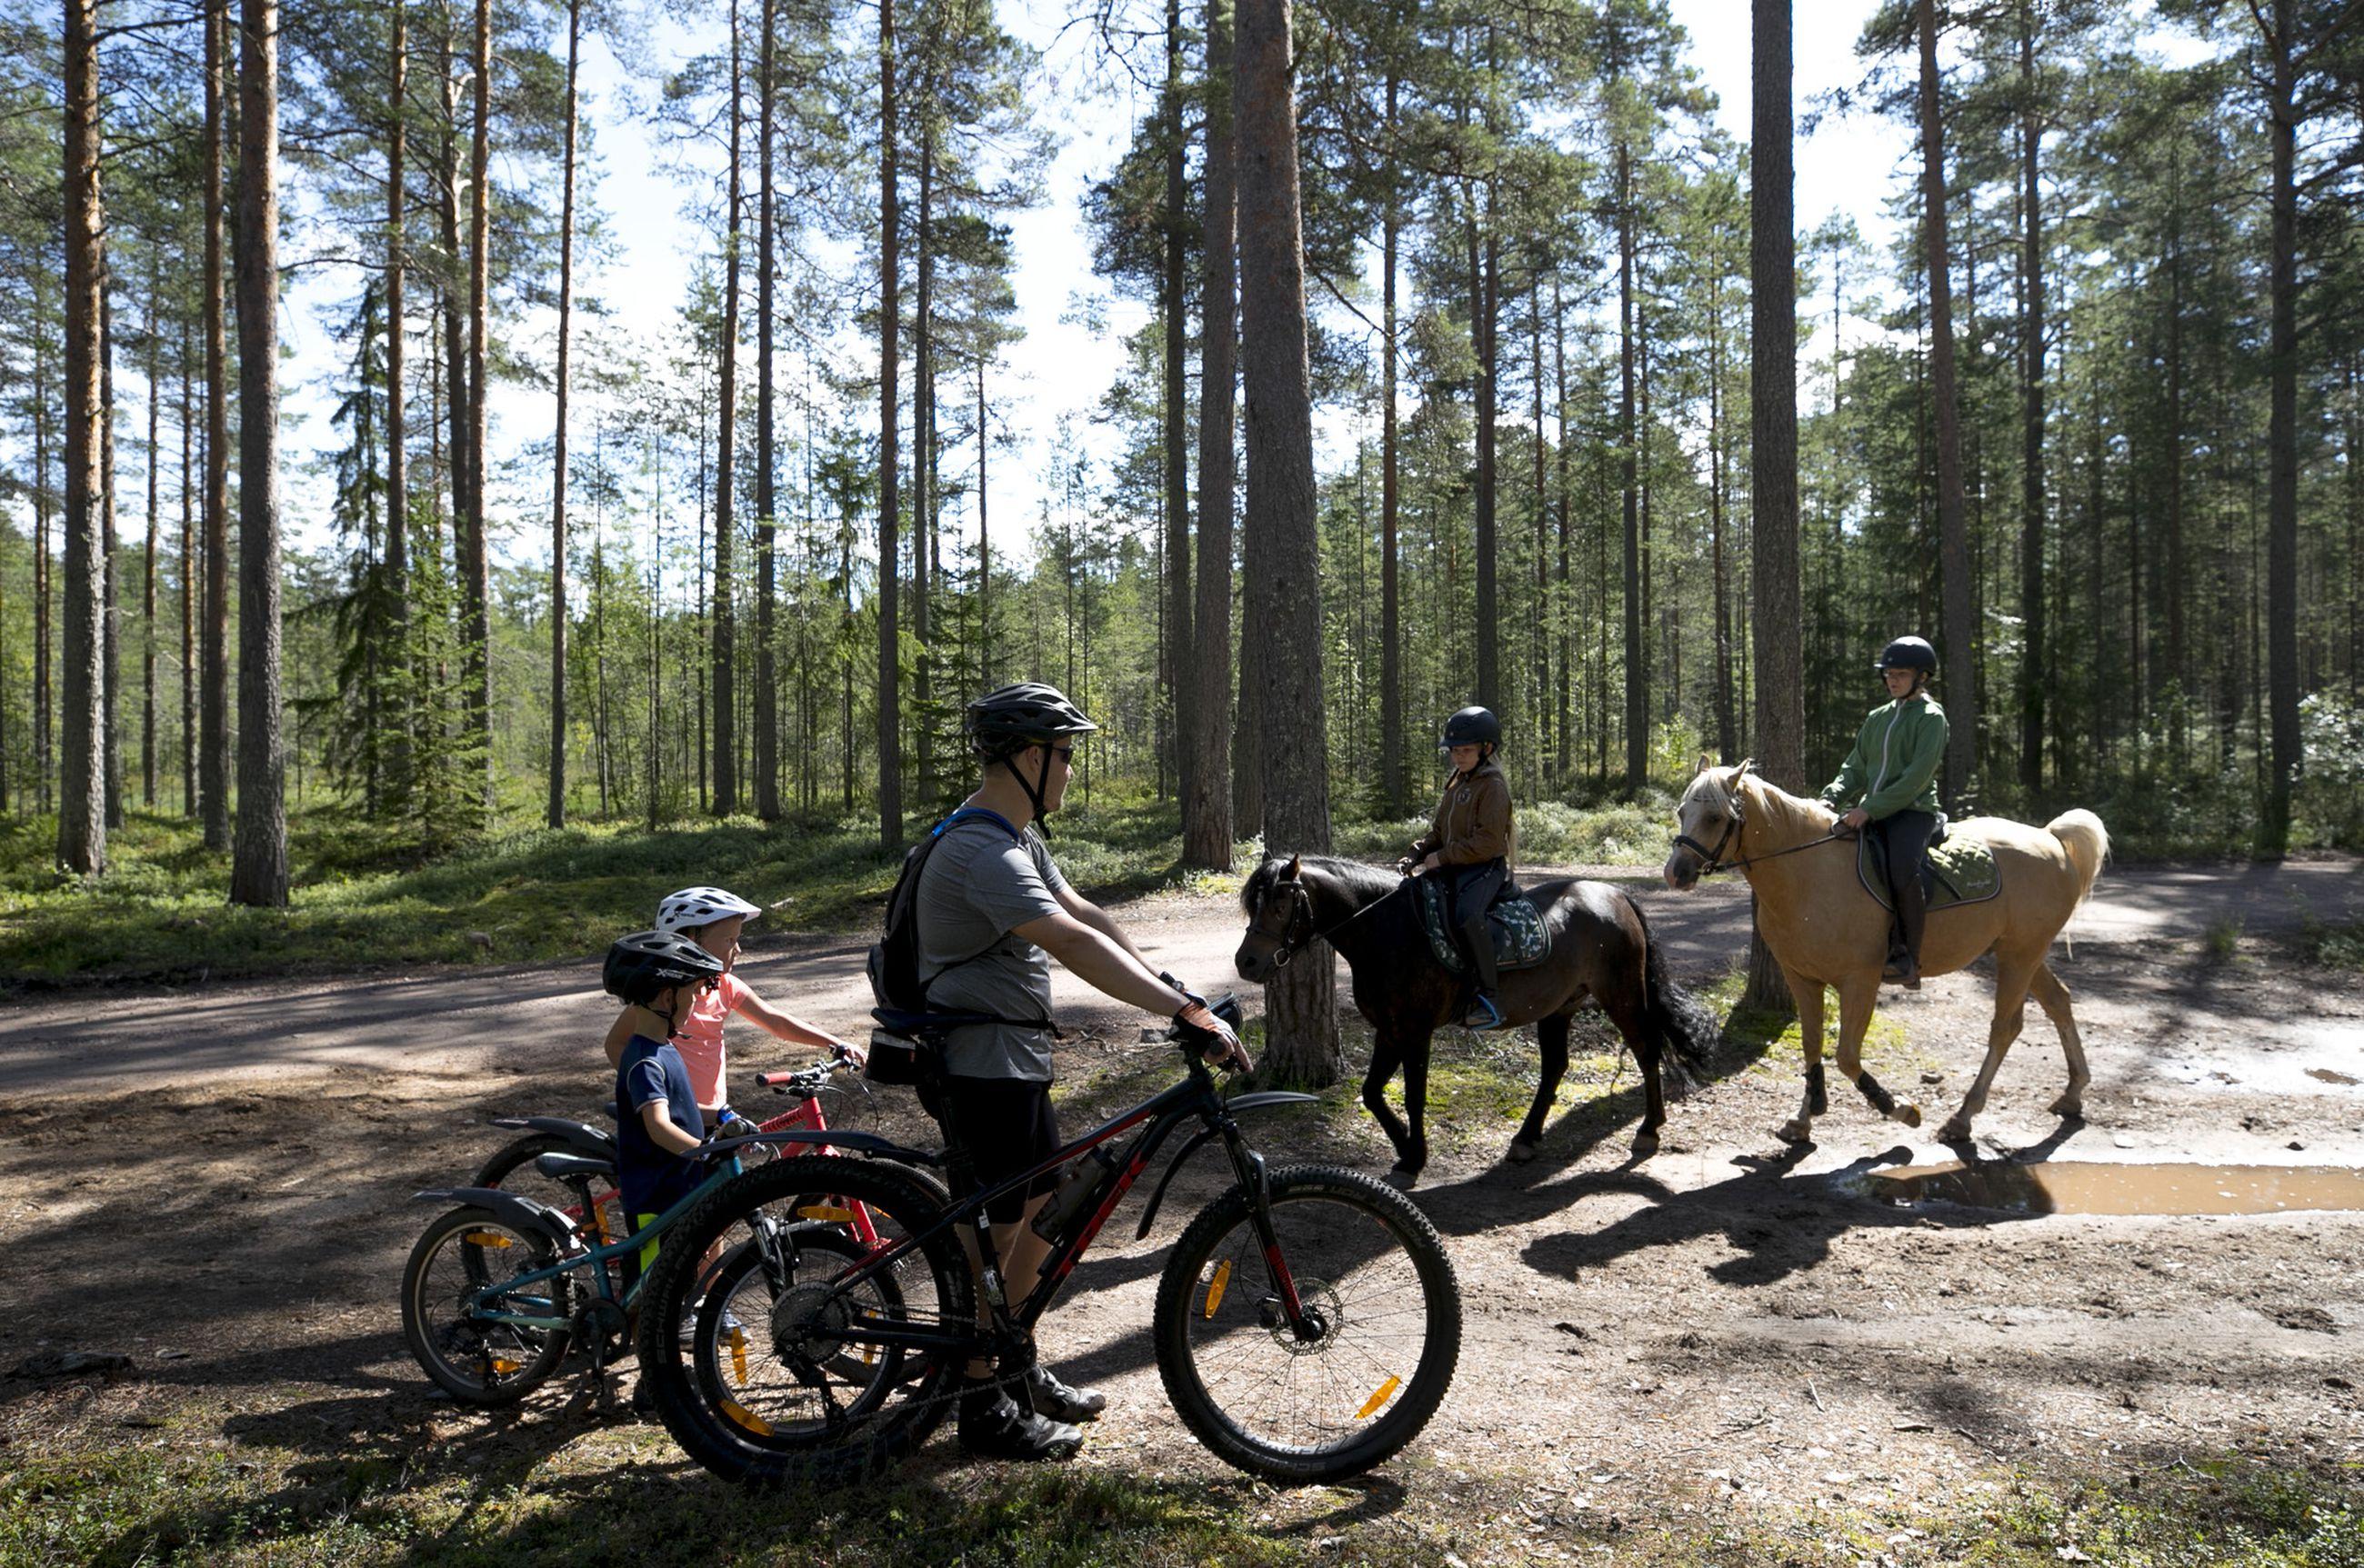 Pyöräilemässä olleet Mikael (vas.), Sofia ja Tuomas Kämäräinen pysähtyivät odottamaan, kun ratsukoita sattui kohdalle.